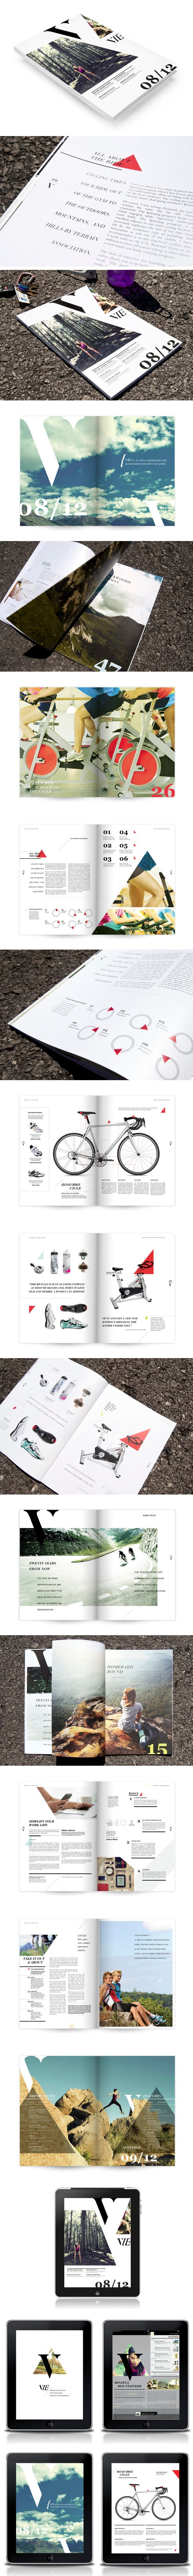 Vie Magazine by Caitlin Workman